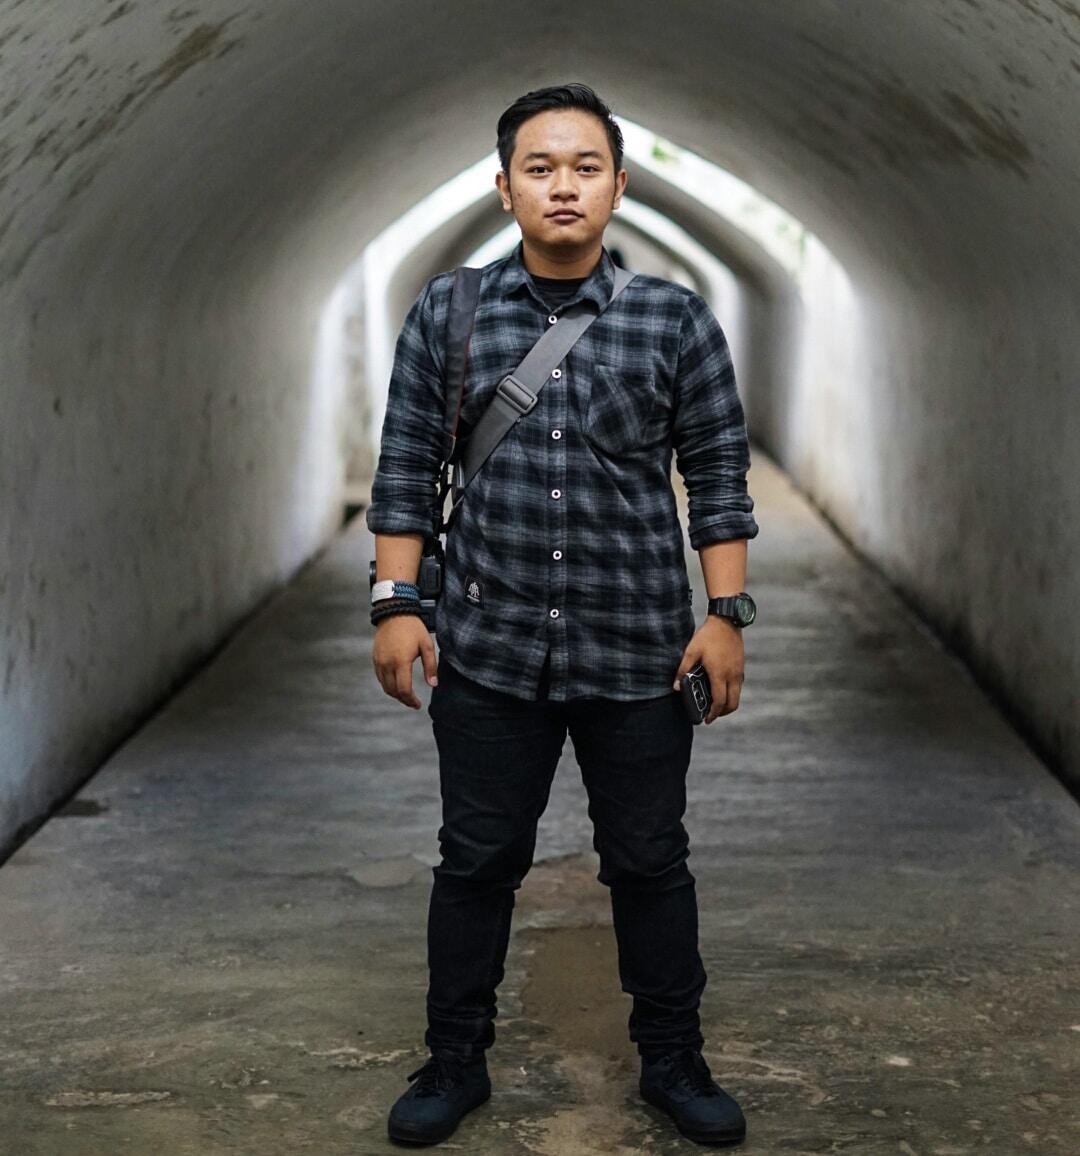 Go to Aldino Hartan Putra's profile